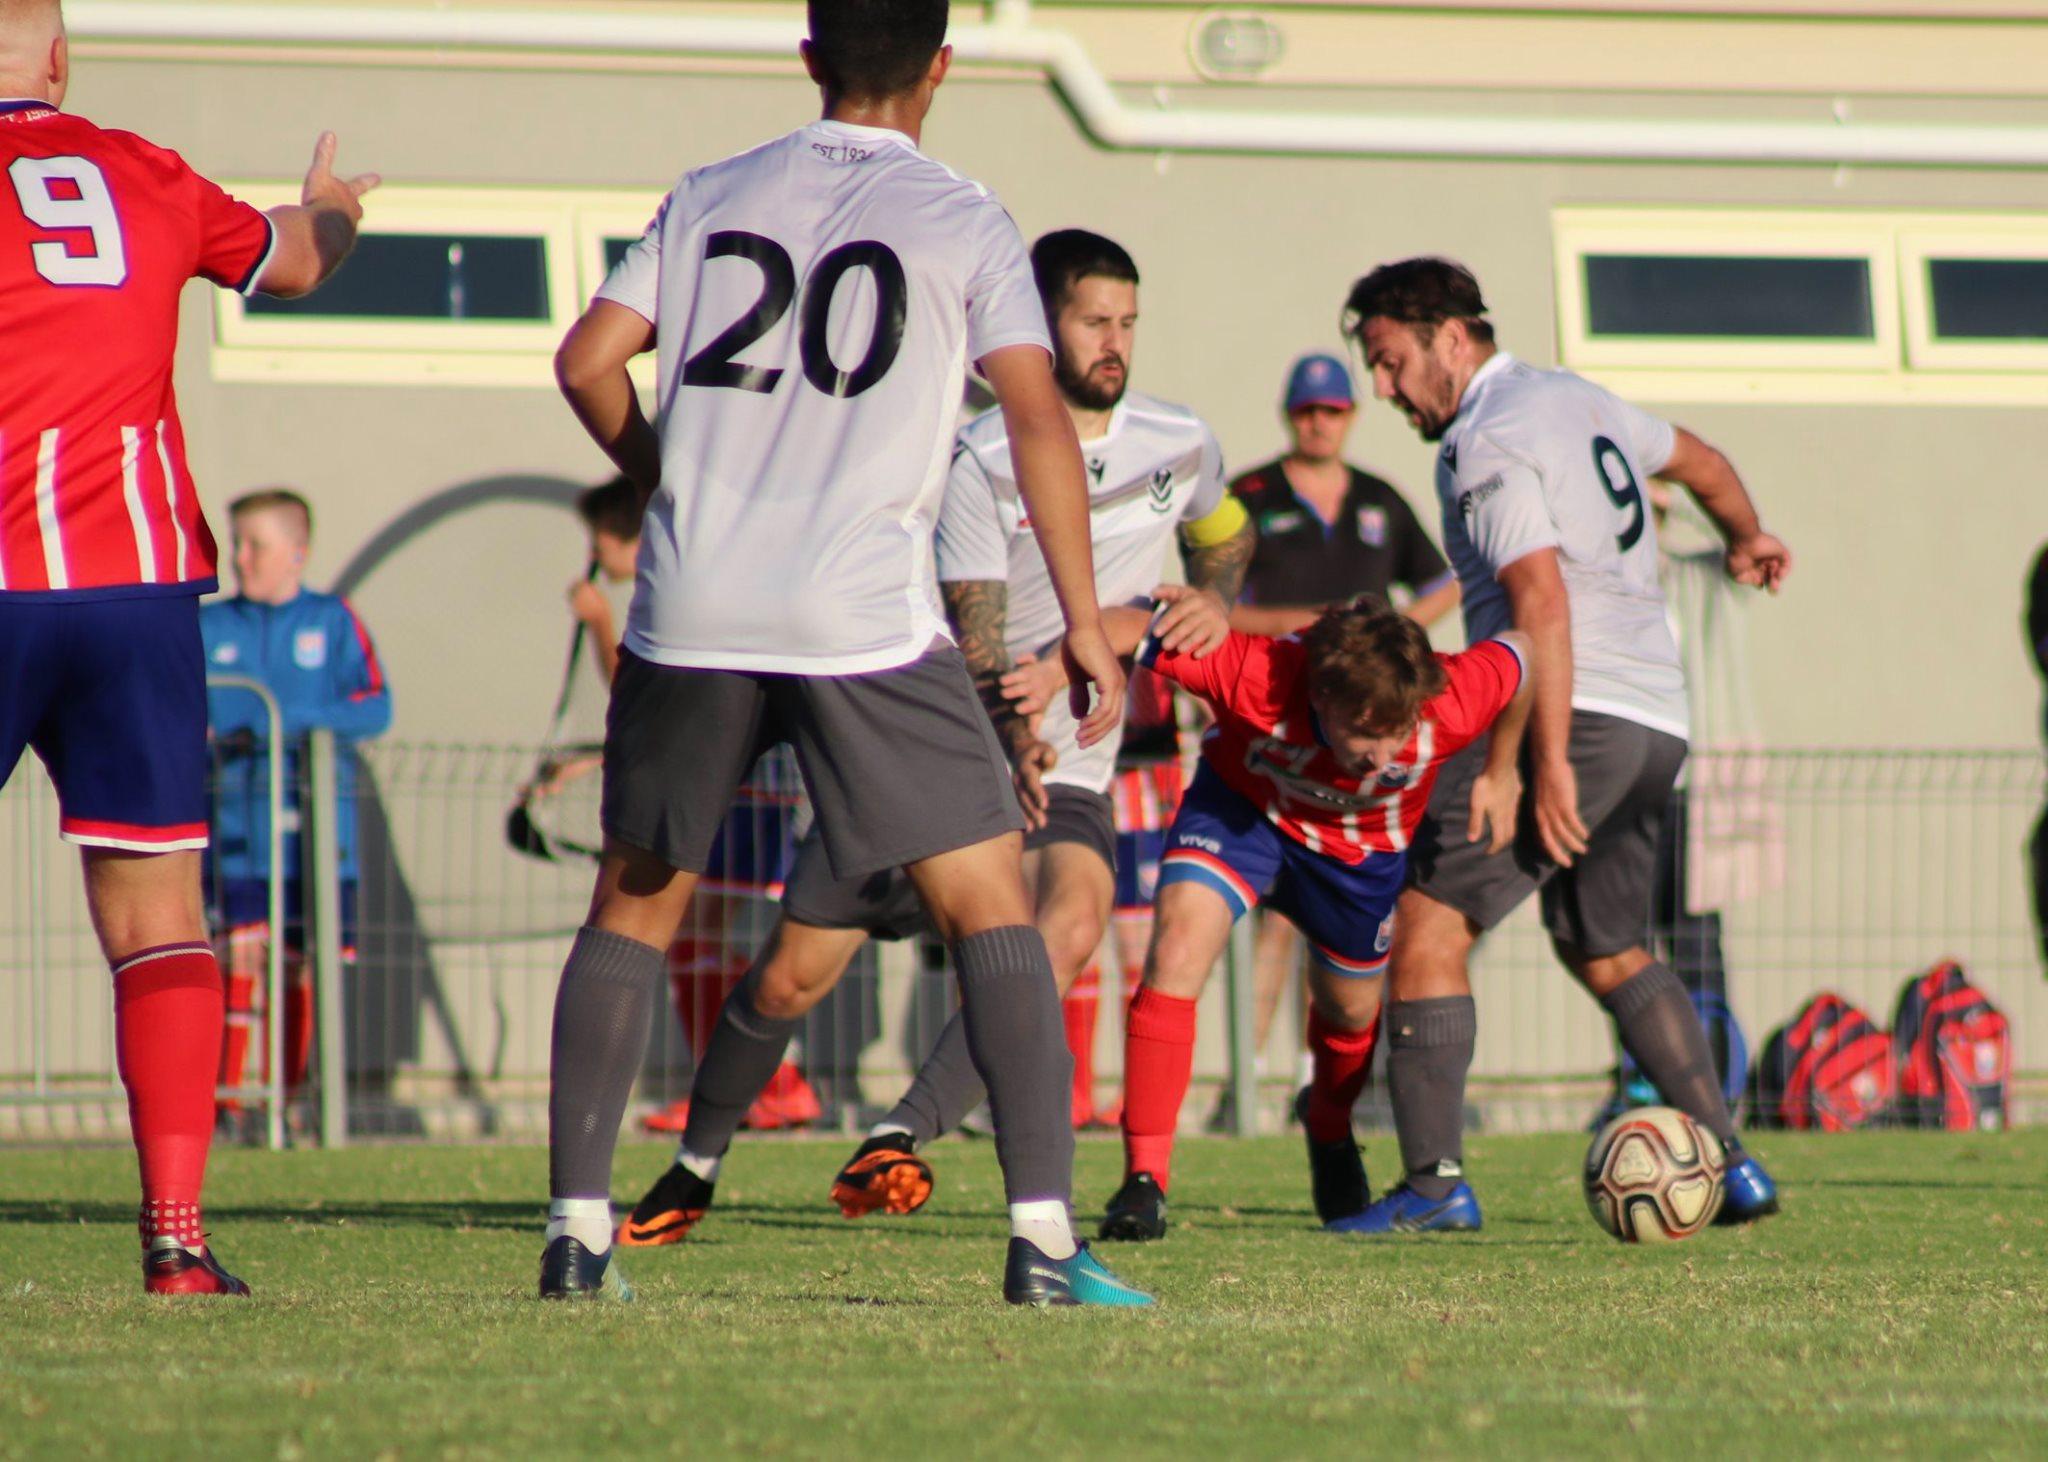 State League 2 R4 2020 v Cove FC